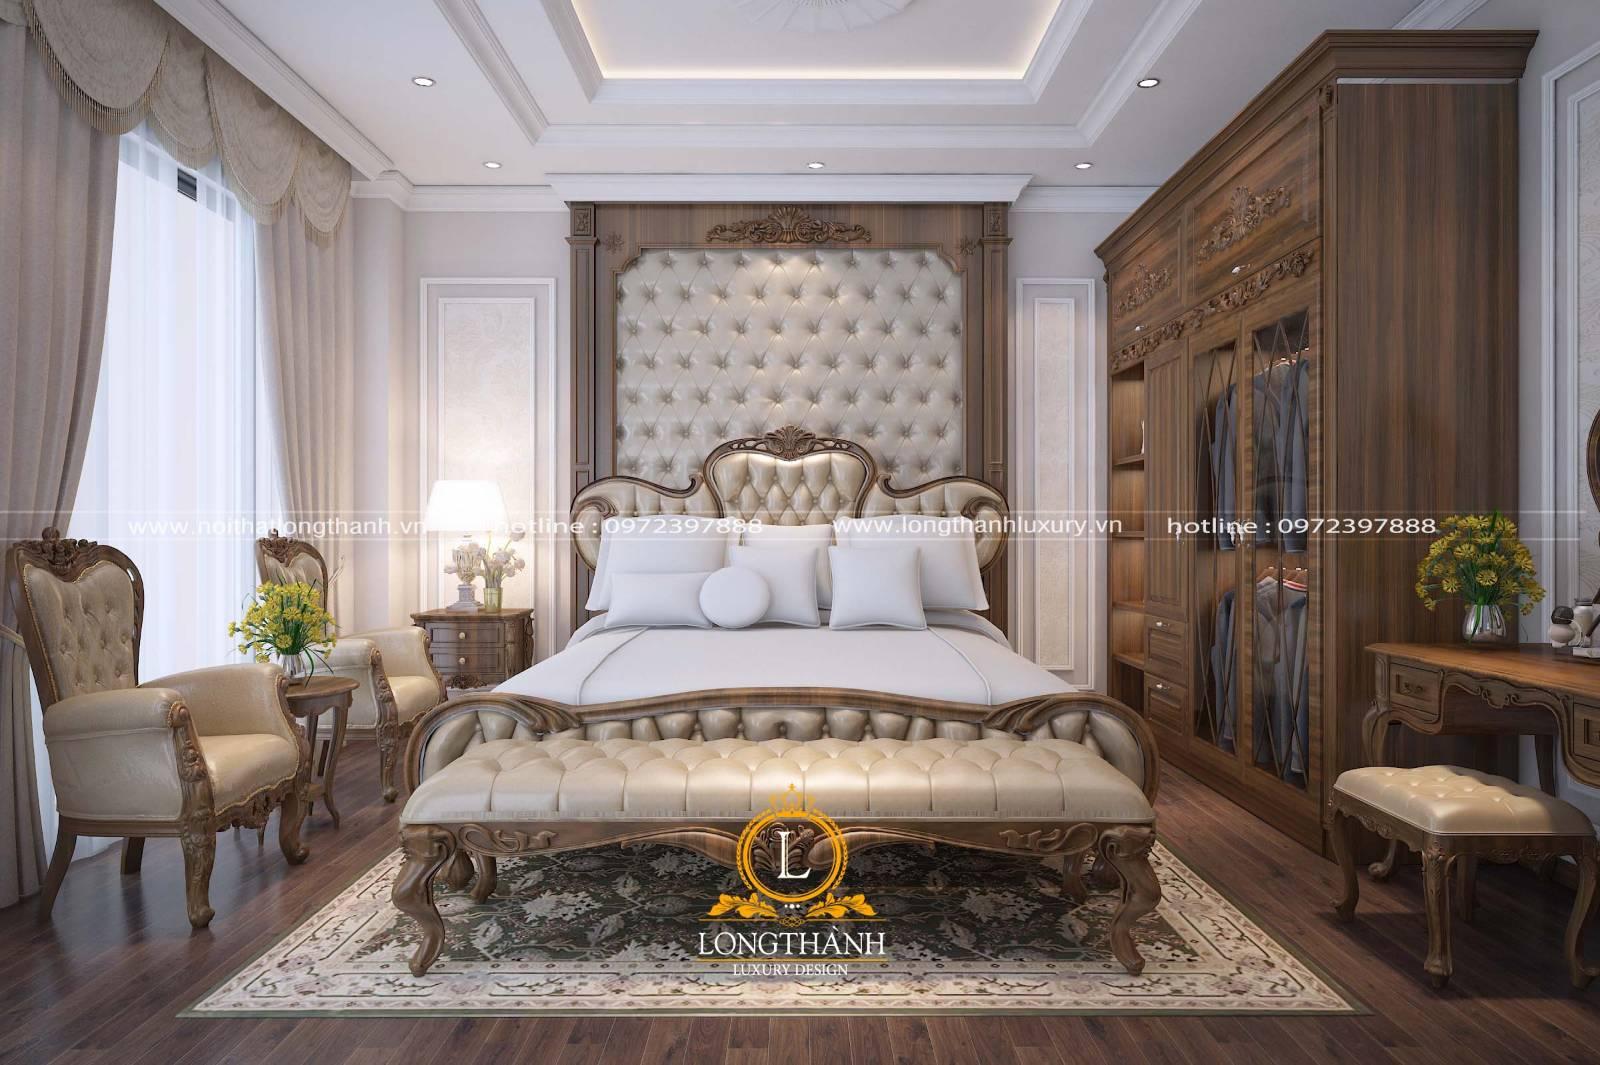 Giường ngủ tân cổ điển được nhiều người yêu thích lựa chọn sử dụng hiện nay